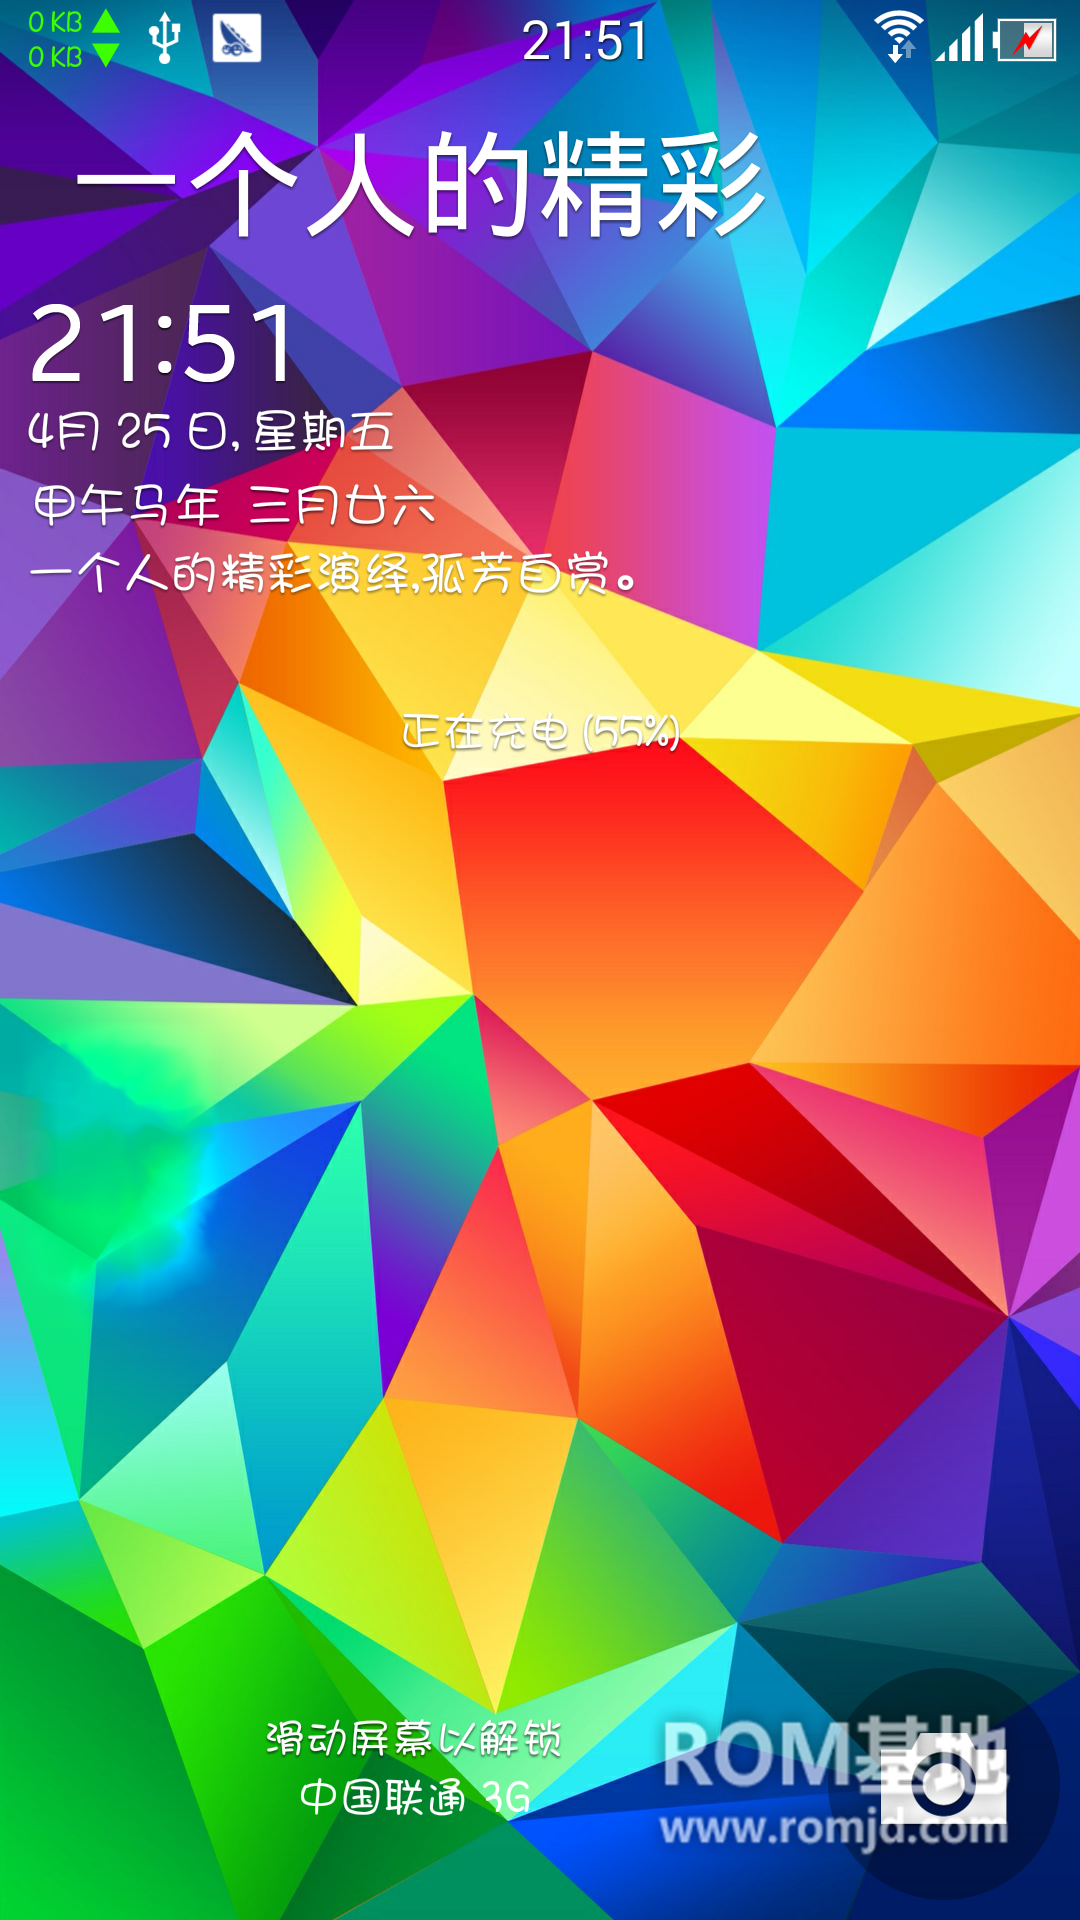 三星 N900 刷机包 _XXUDNC4_V6.2极度精简版+全局Odex分离ROM刷机包下载